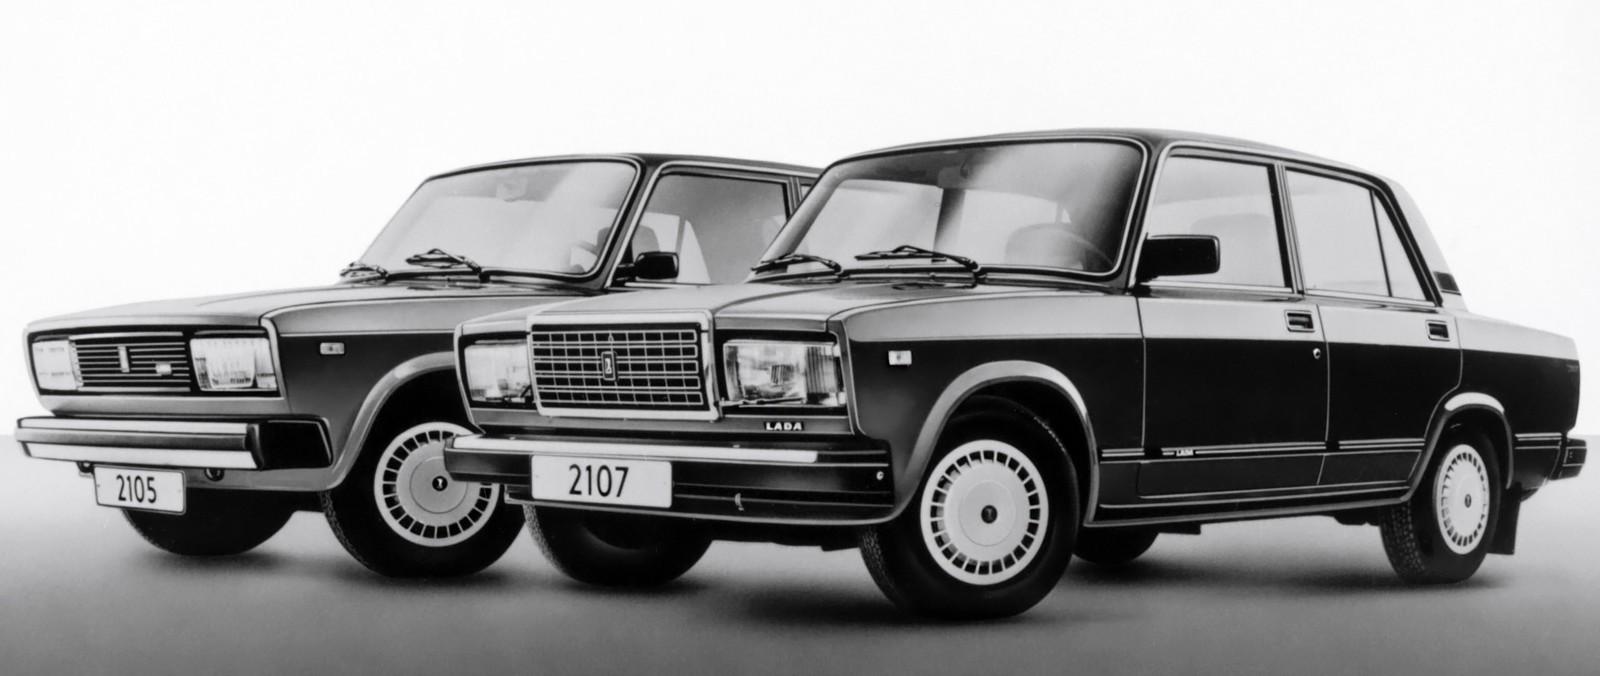 На фото: ВАЗ-2105 и ВАЗ-2107